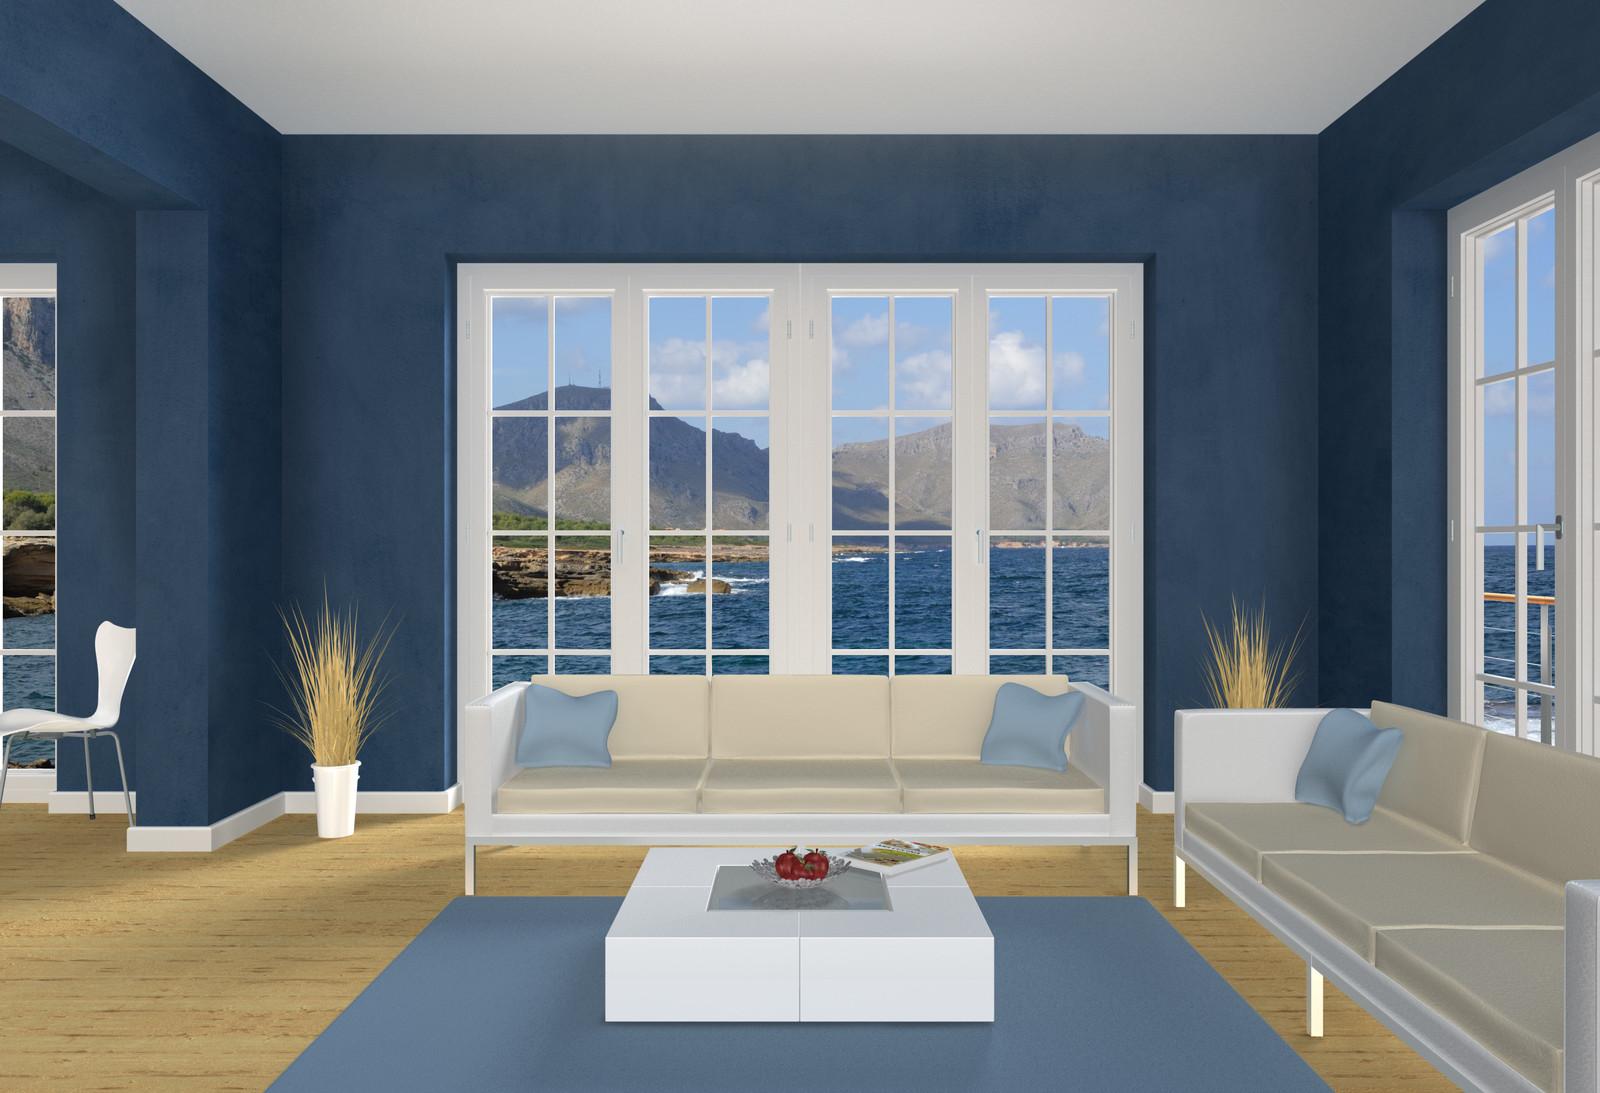 6 - interior-de-casa-pintado-de-azul